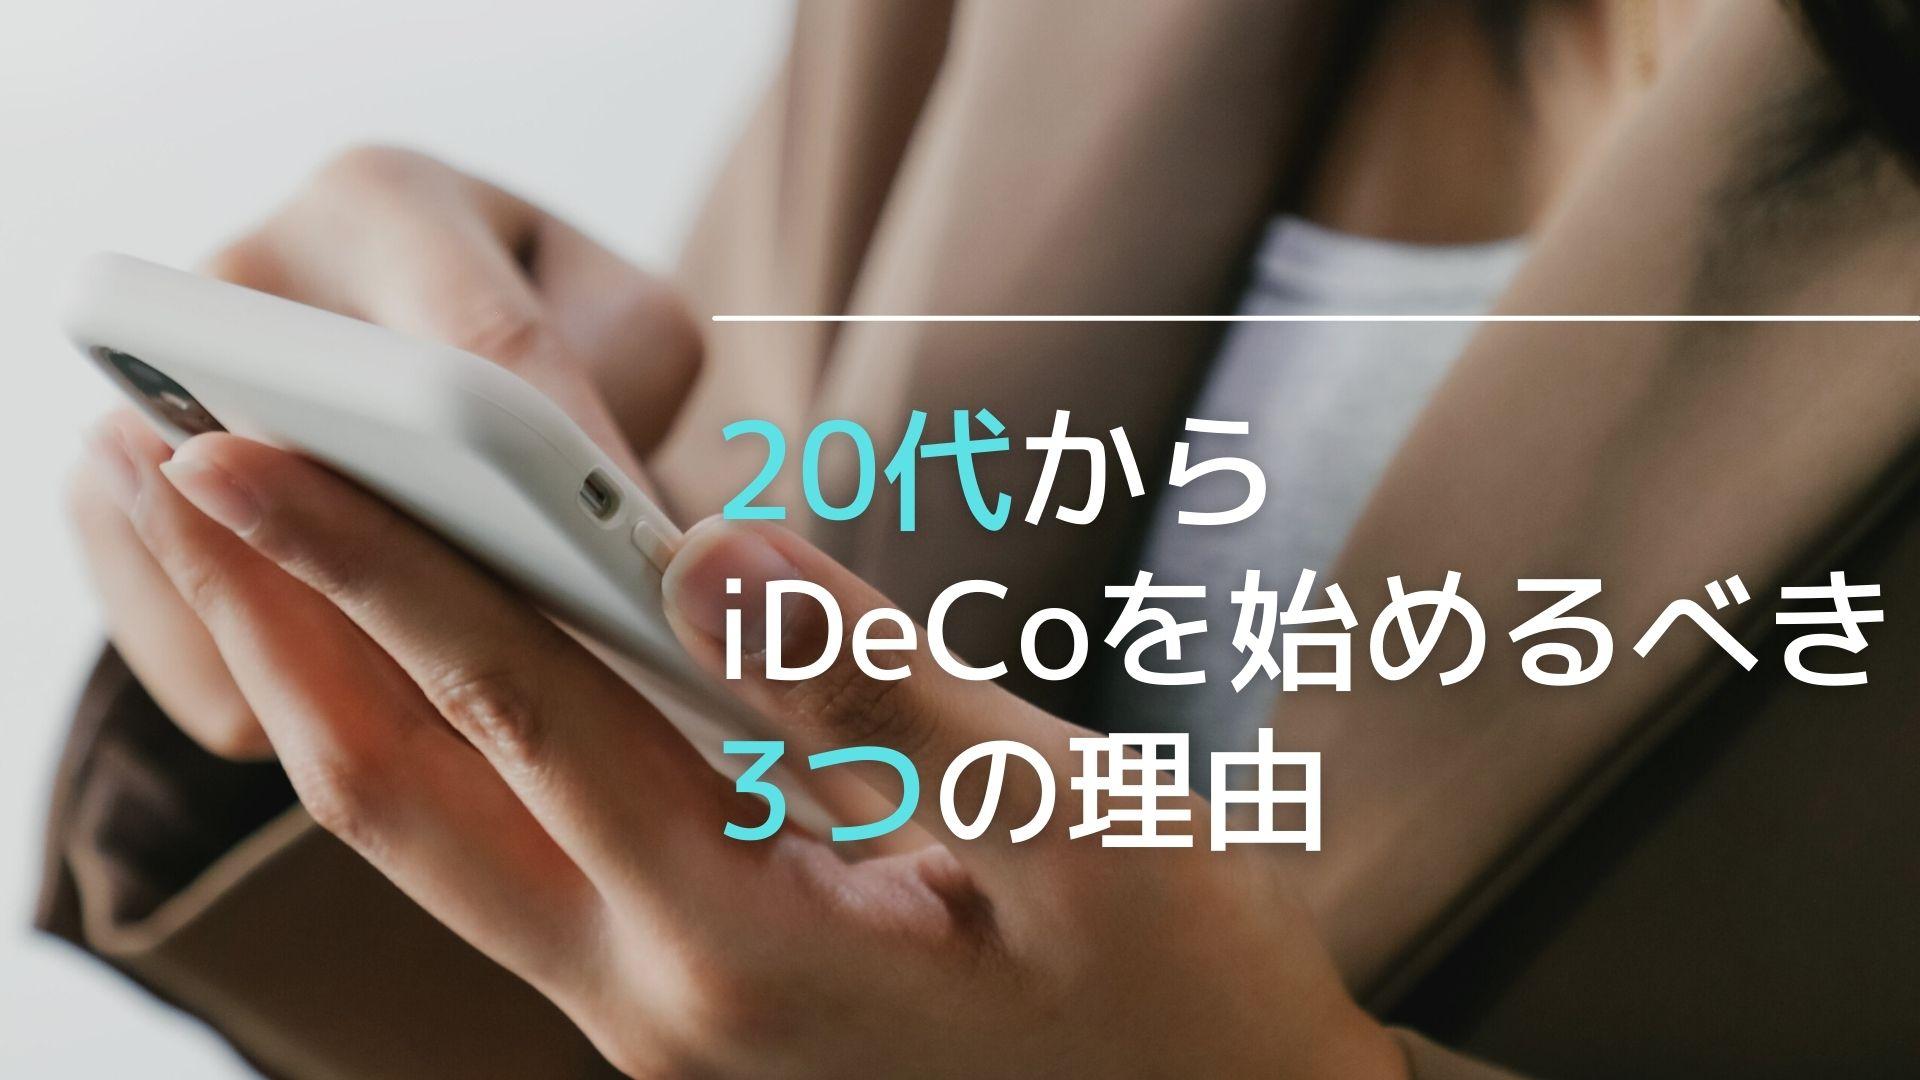 20代からiDeCoを始めるべき3つの理由 | 家計おまもり~家計管理ブログ~